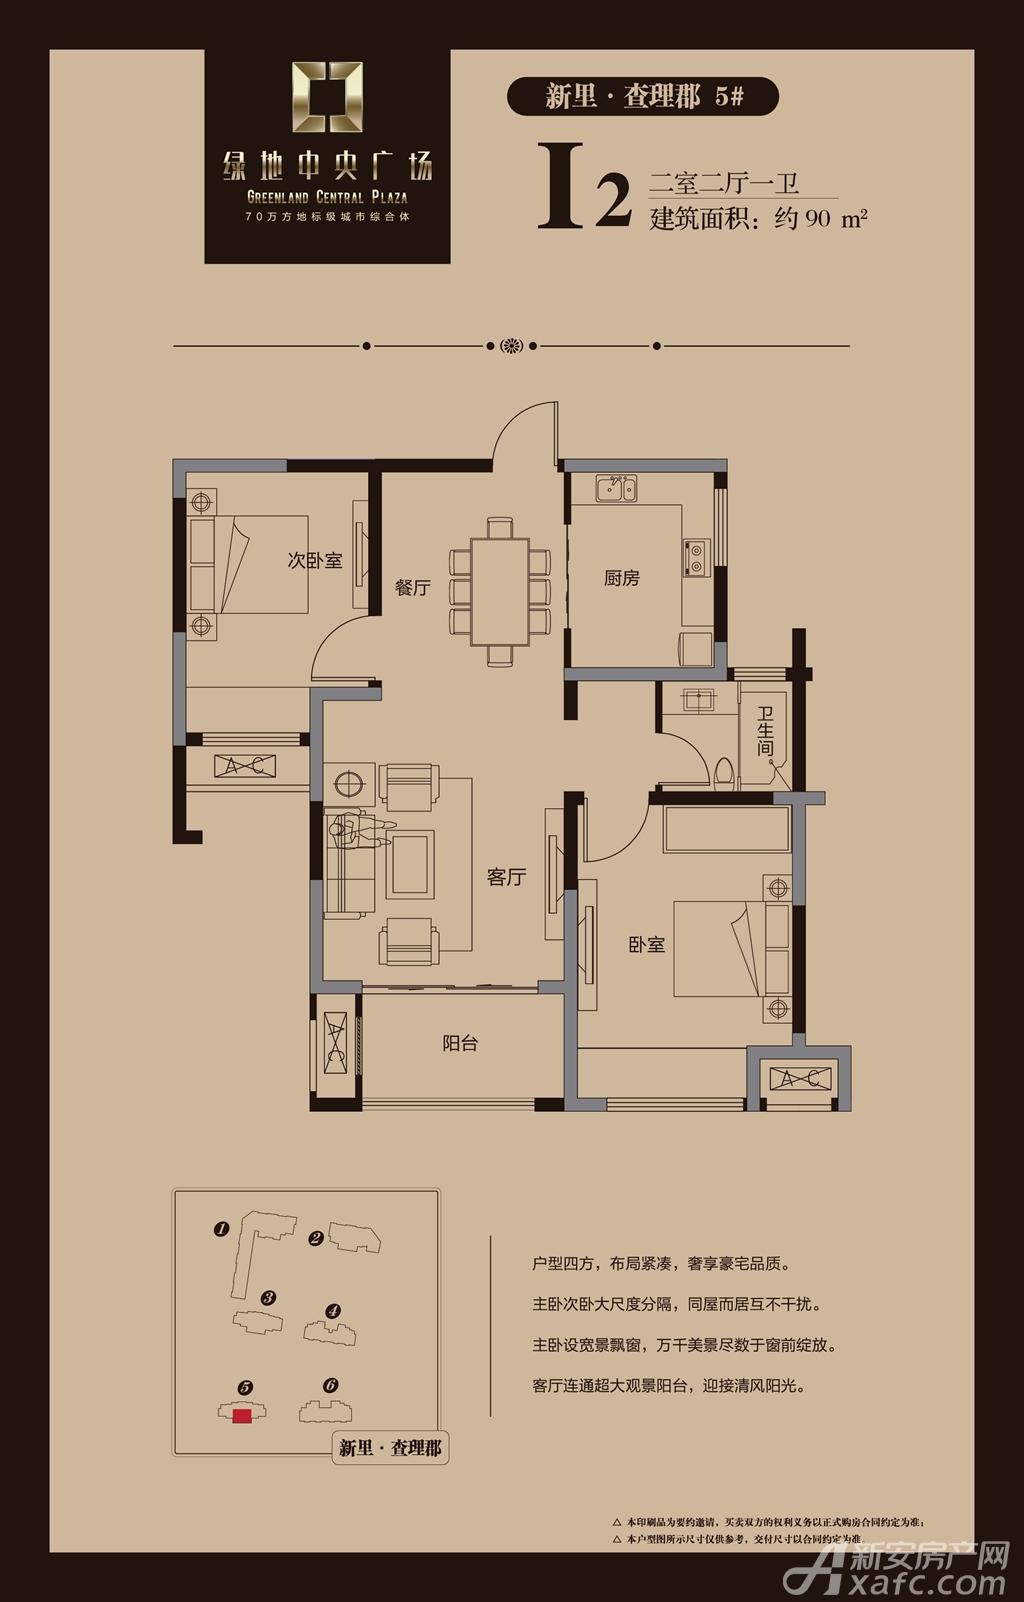 绿地中央广场查理郡I2户型2室2厅90平米